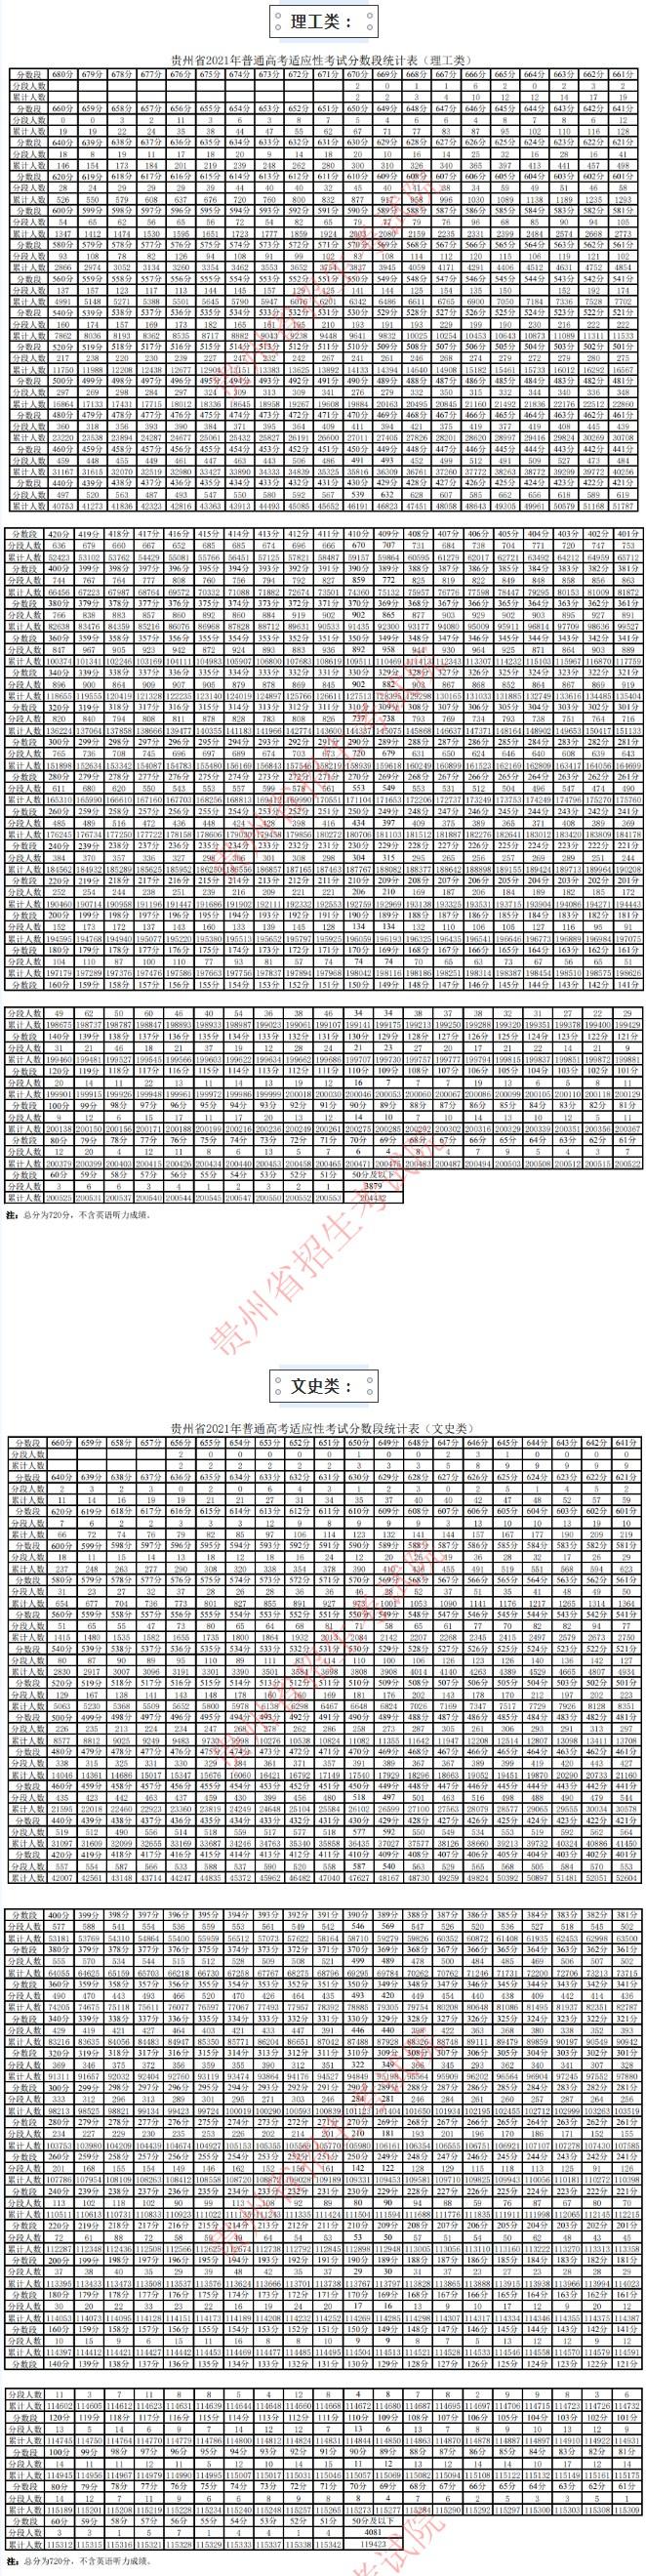 2021贵州高考适应性考试分数段统计 文理科分数